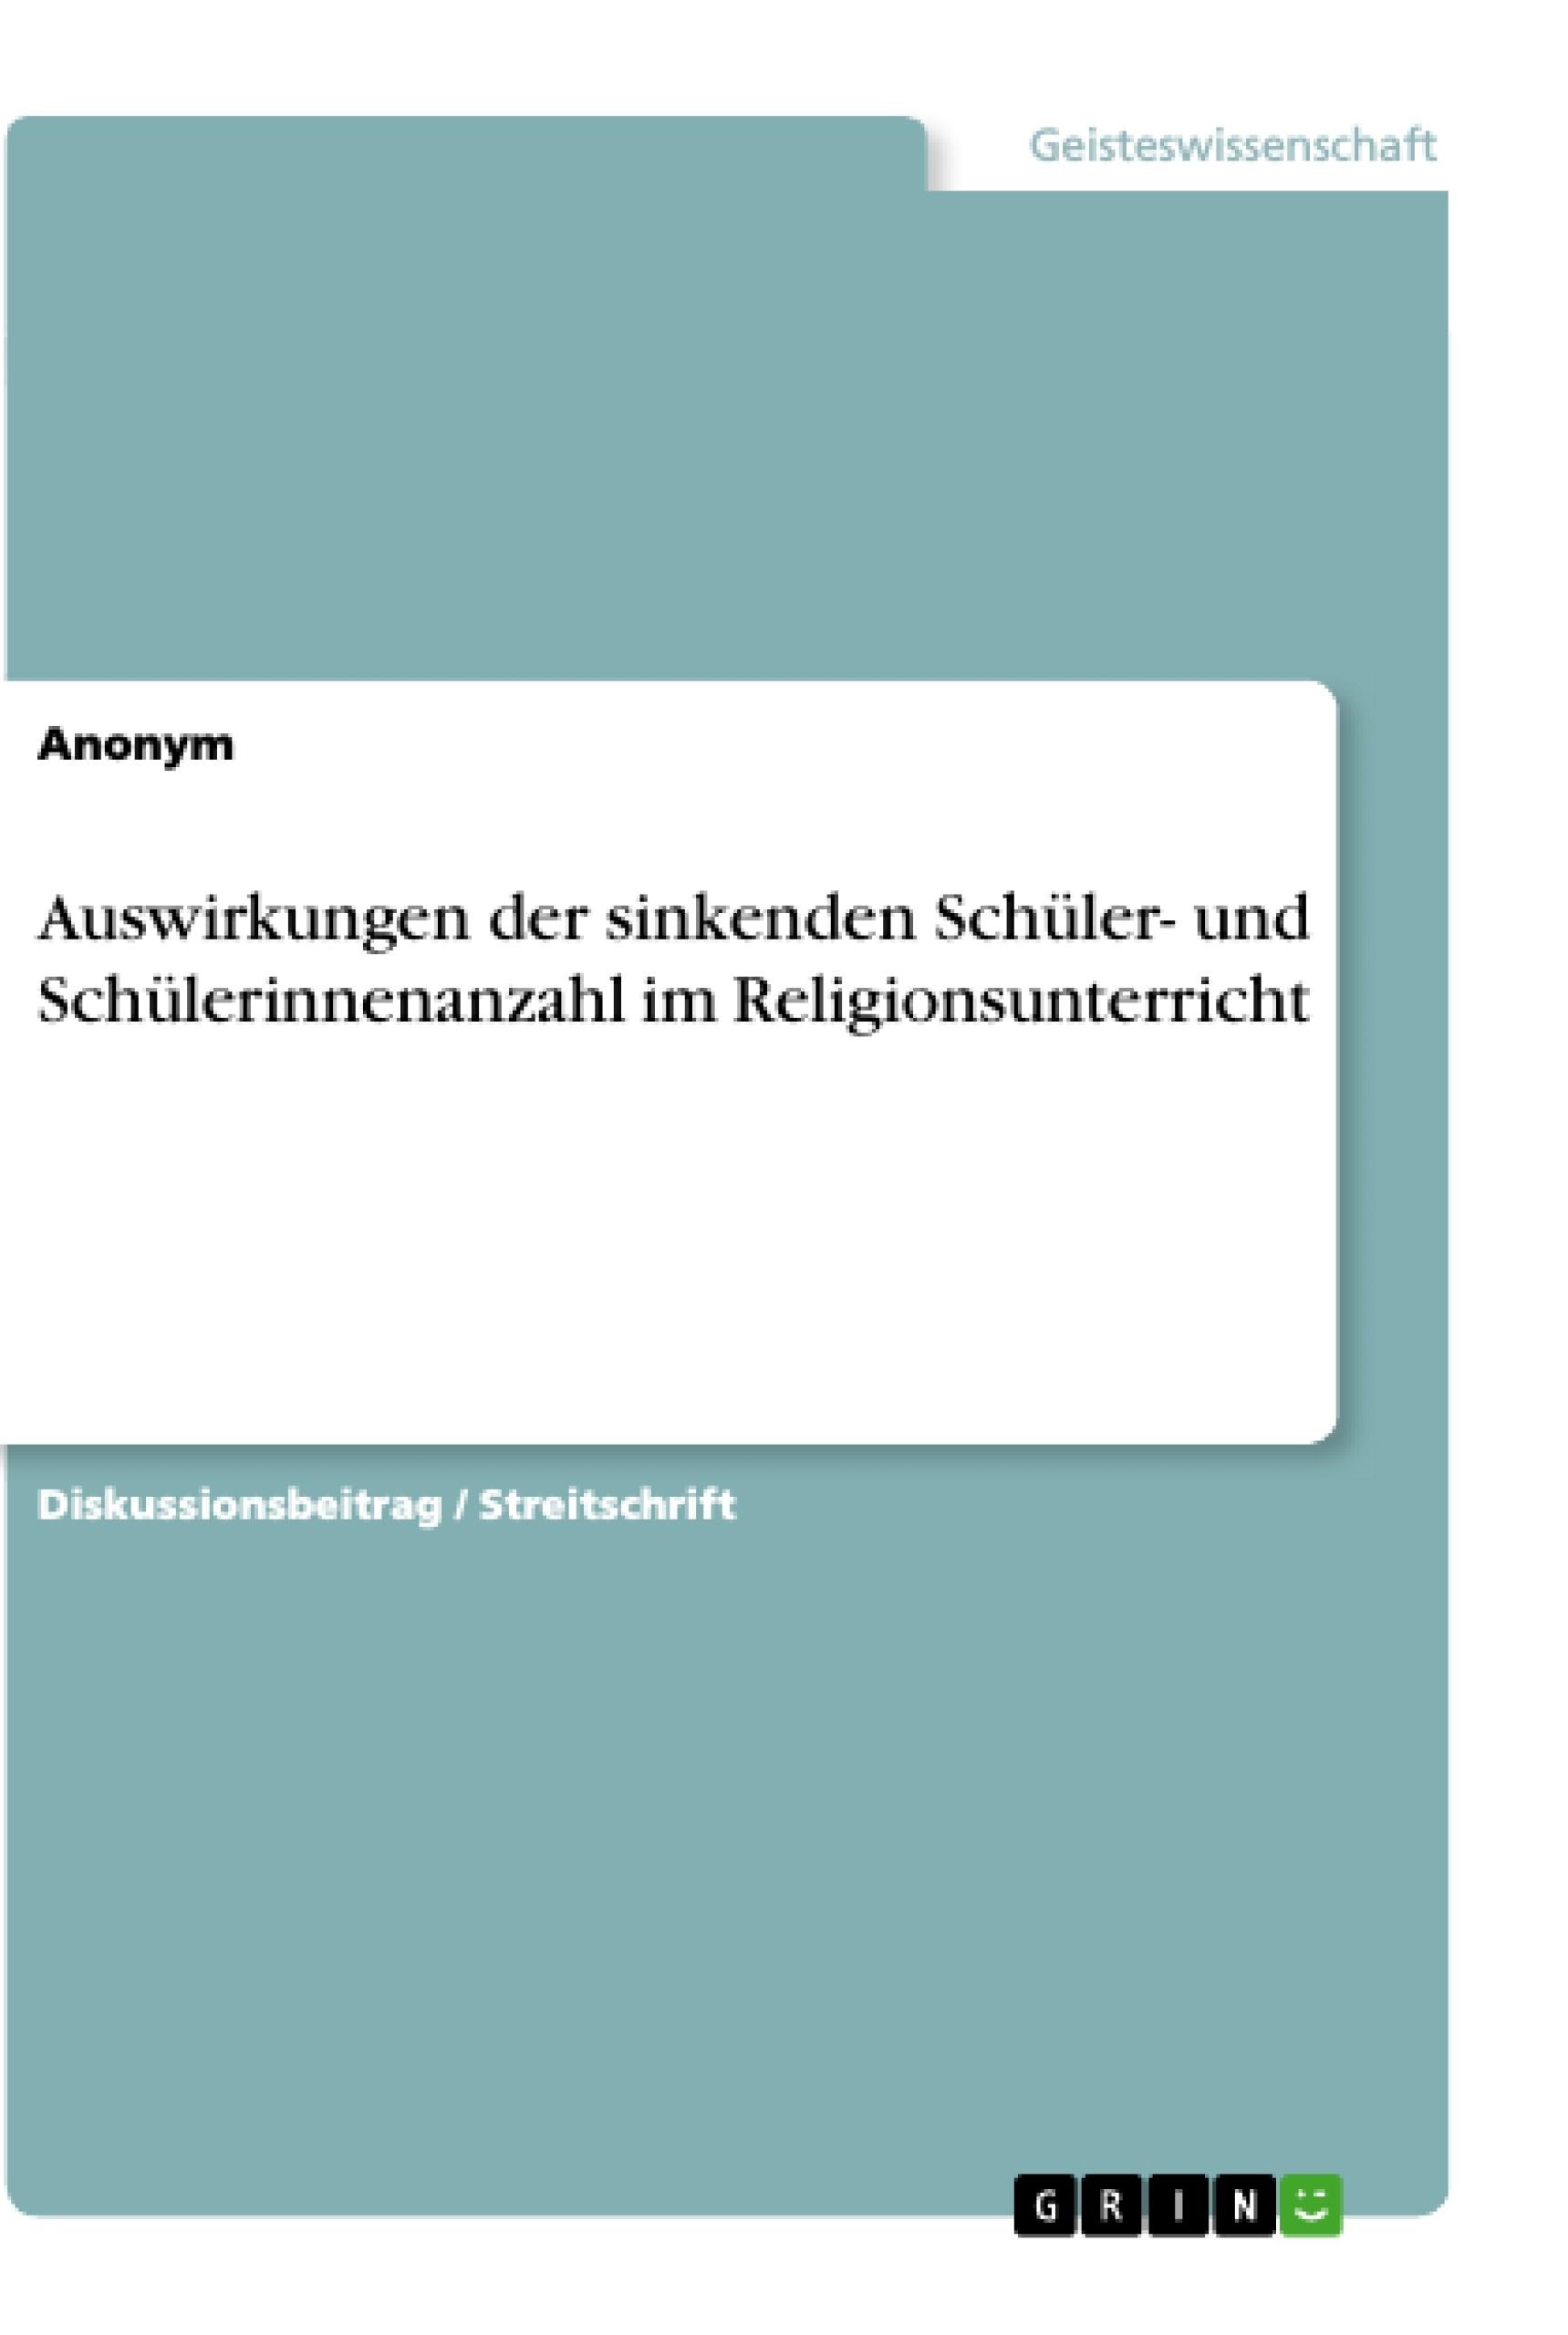 Titel: Auswirkungen der sinkenden Schüler- und Schülerinnenanzahl im Religionsunterricht